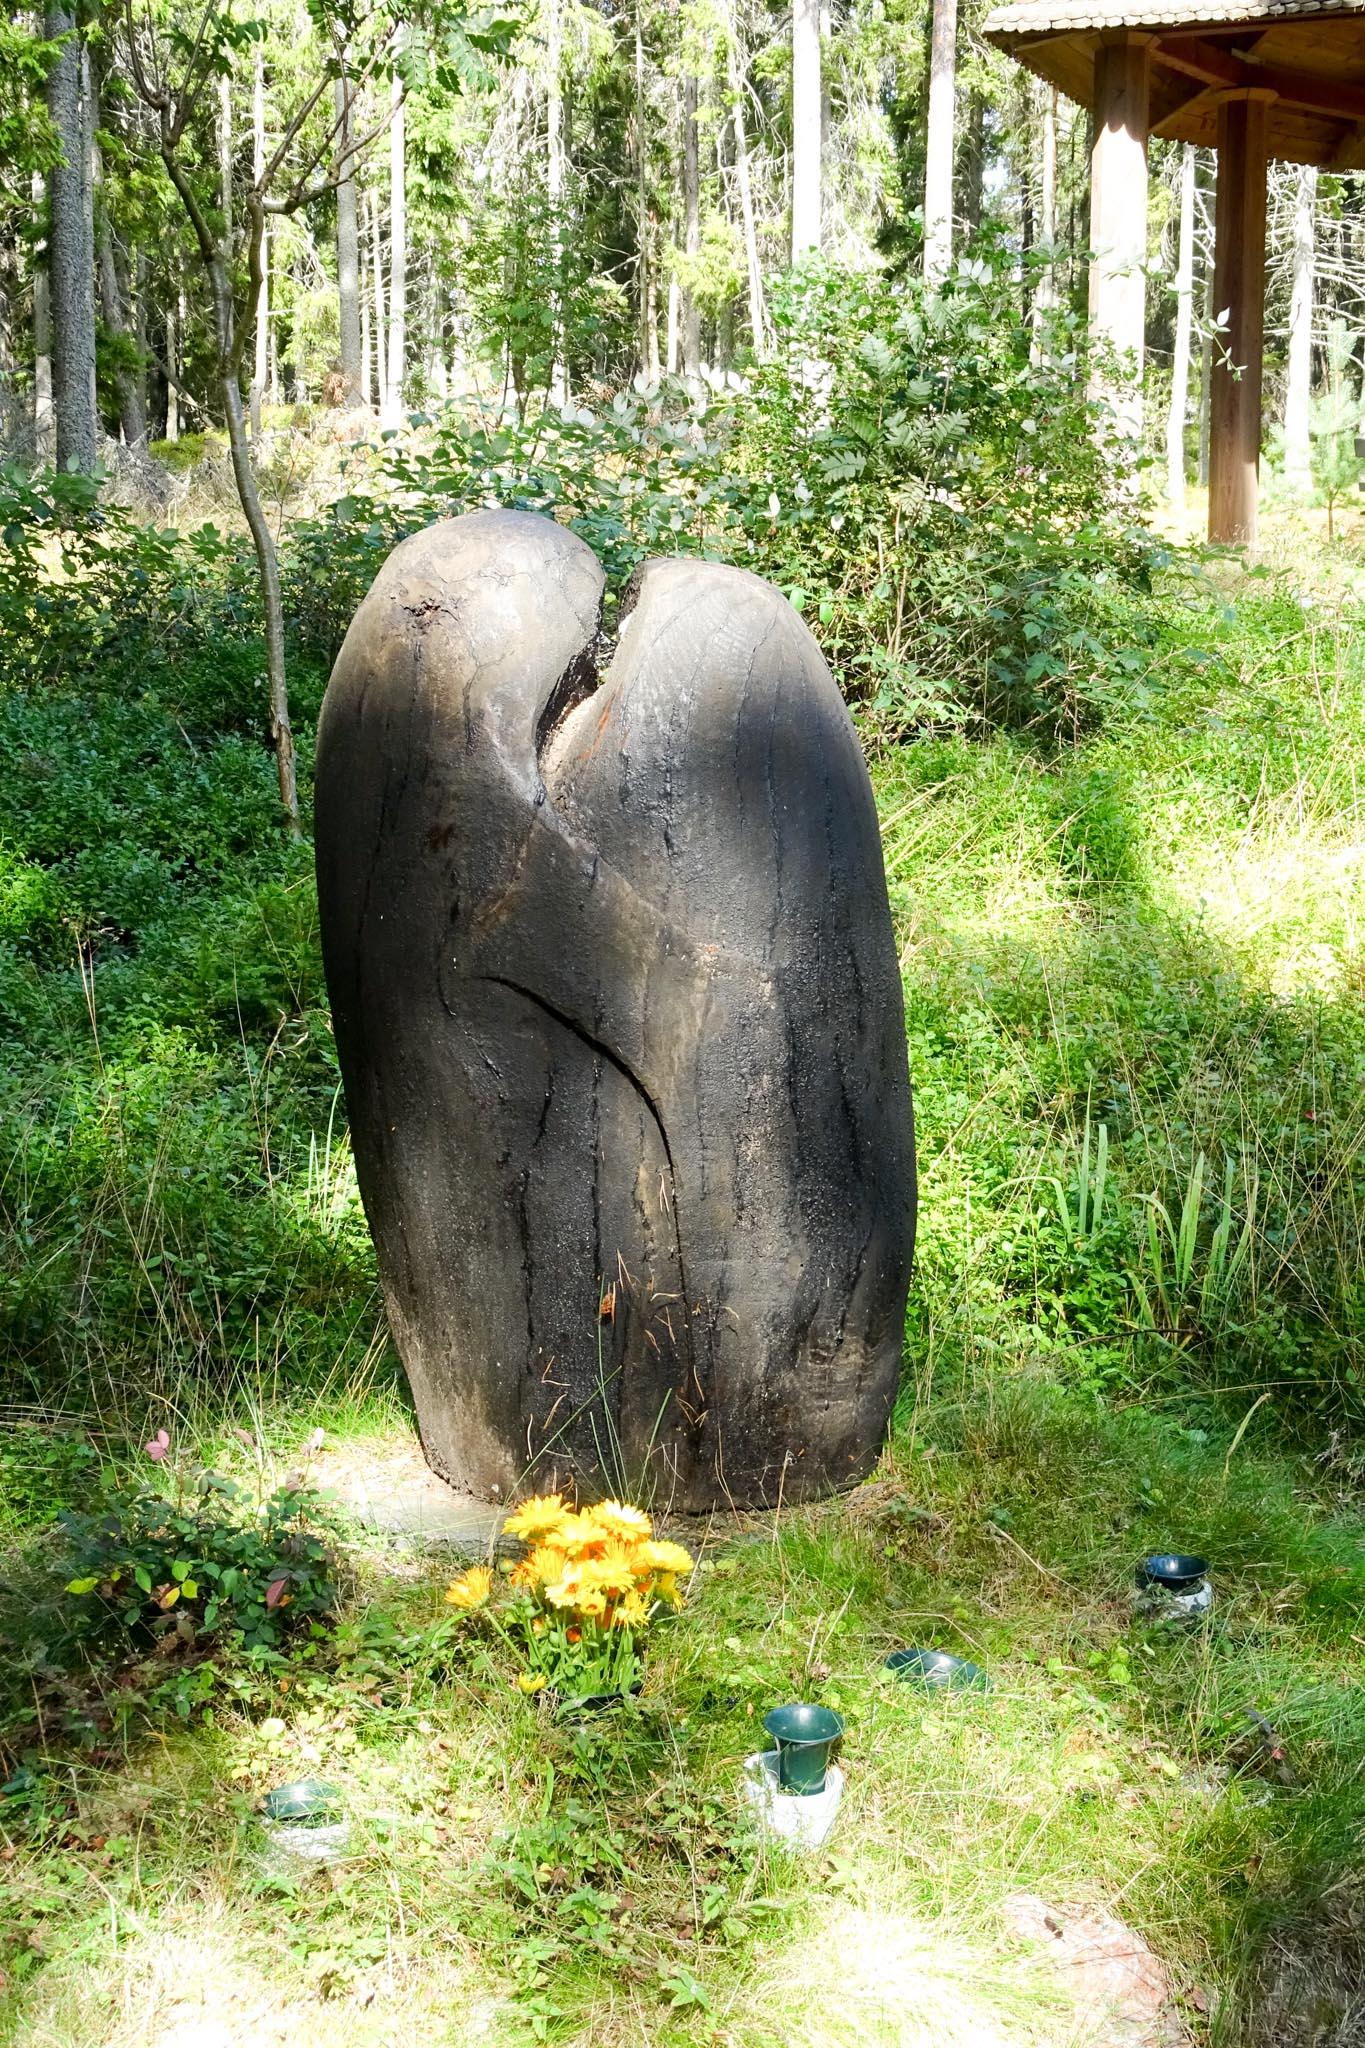 Skulptur aus einem alten Baumstamm